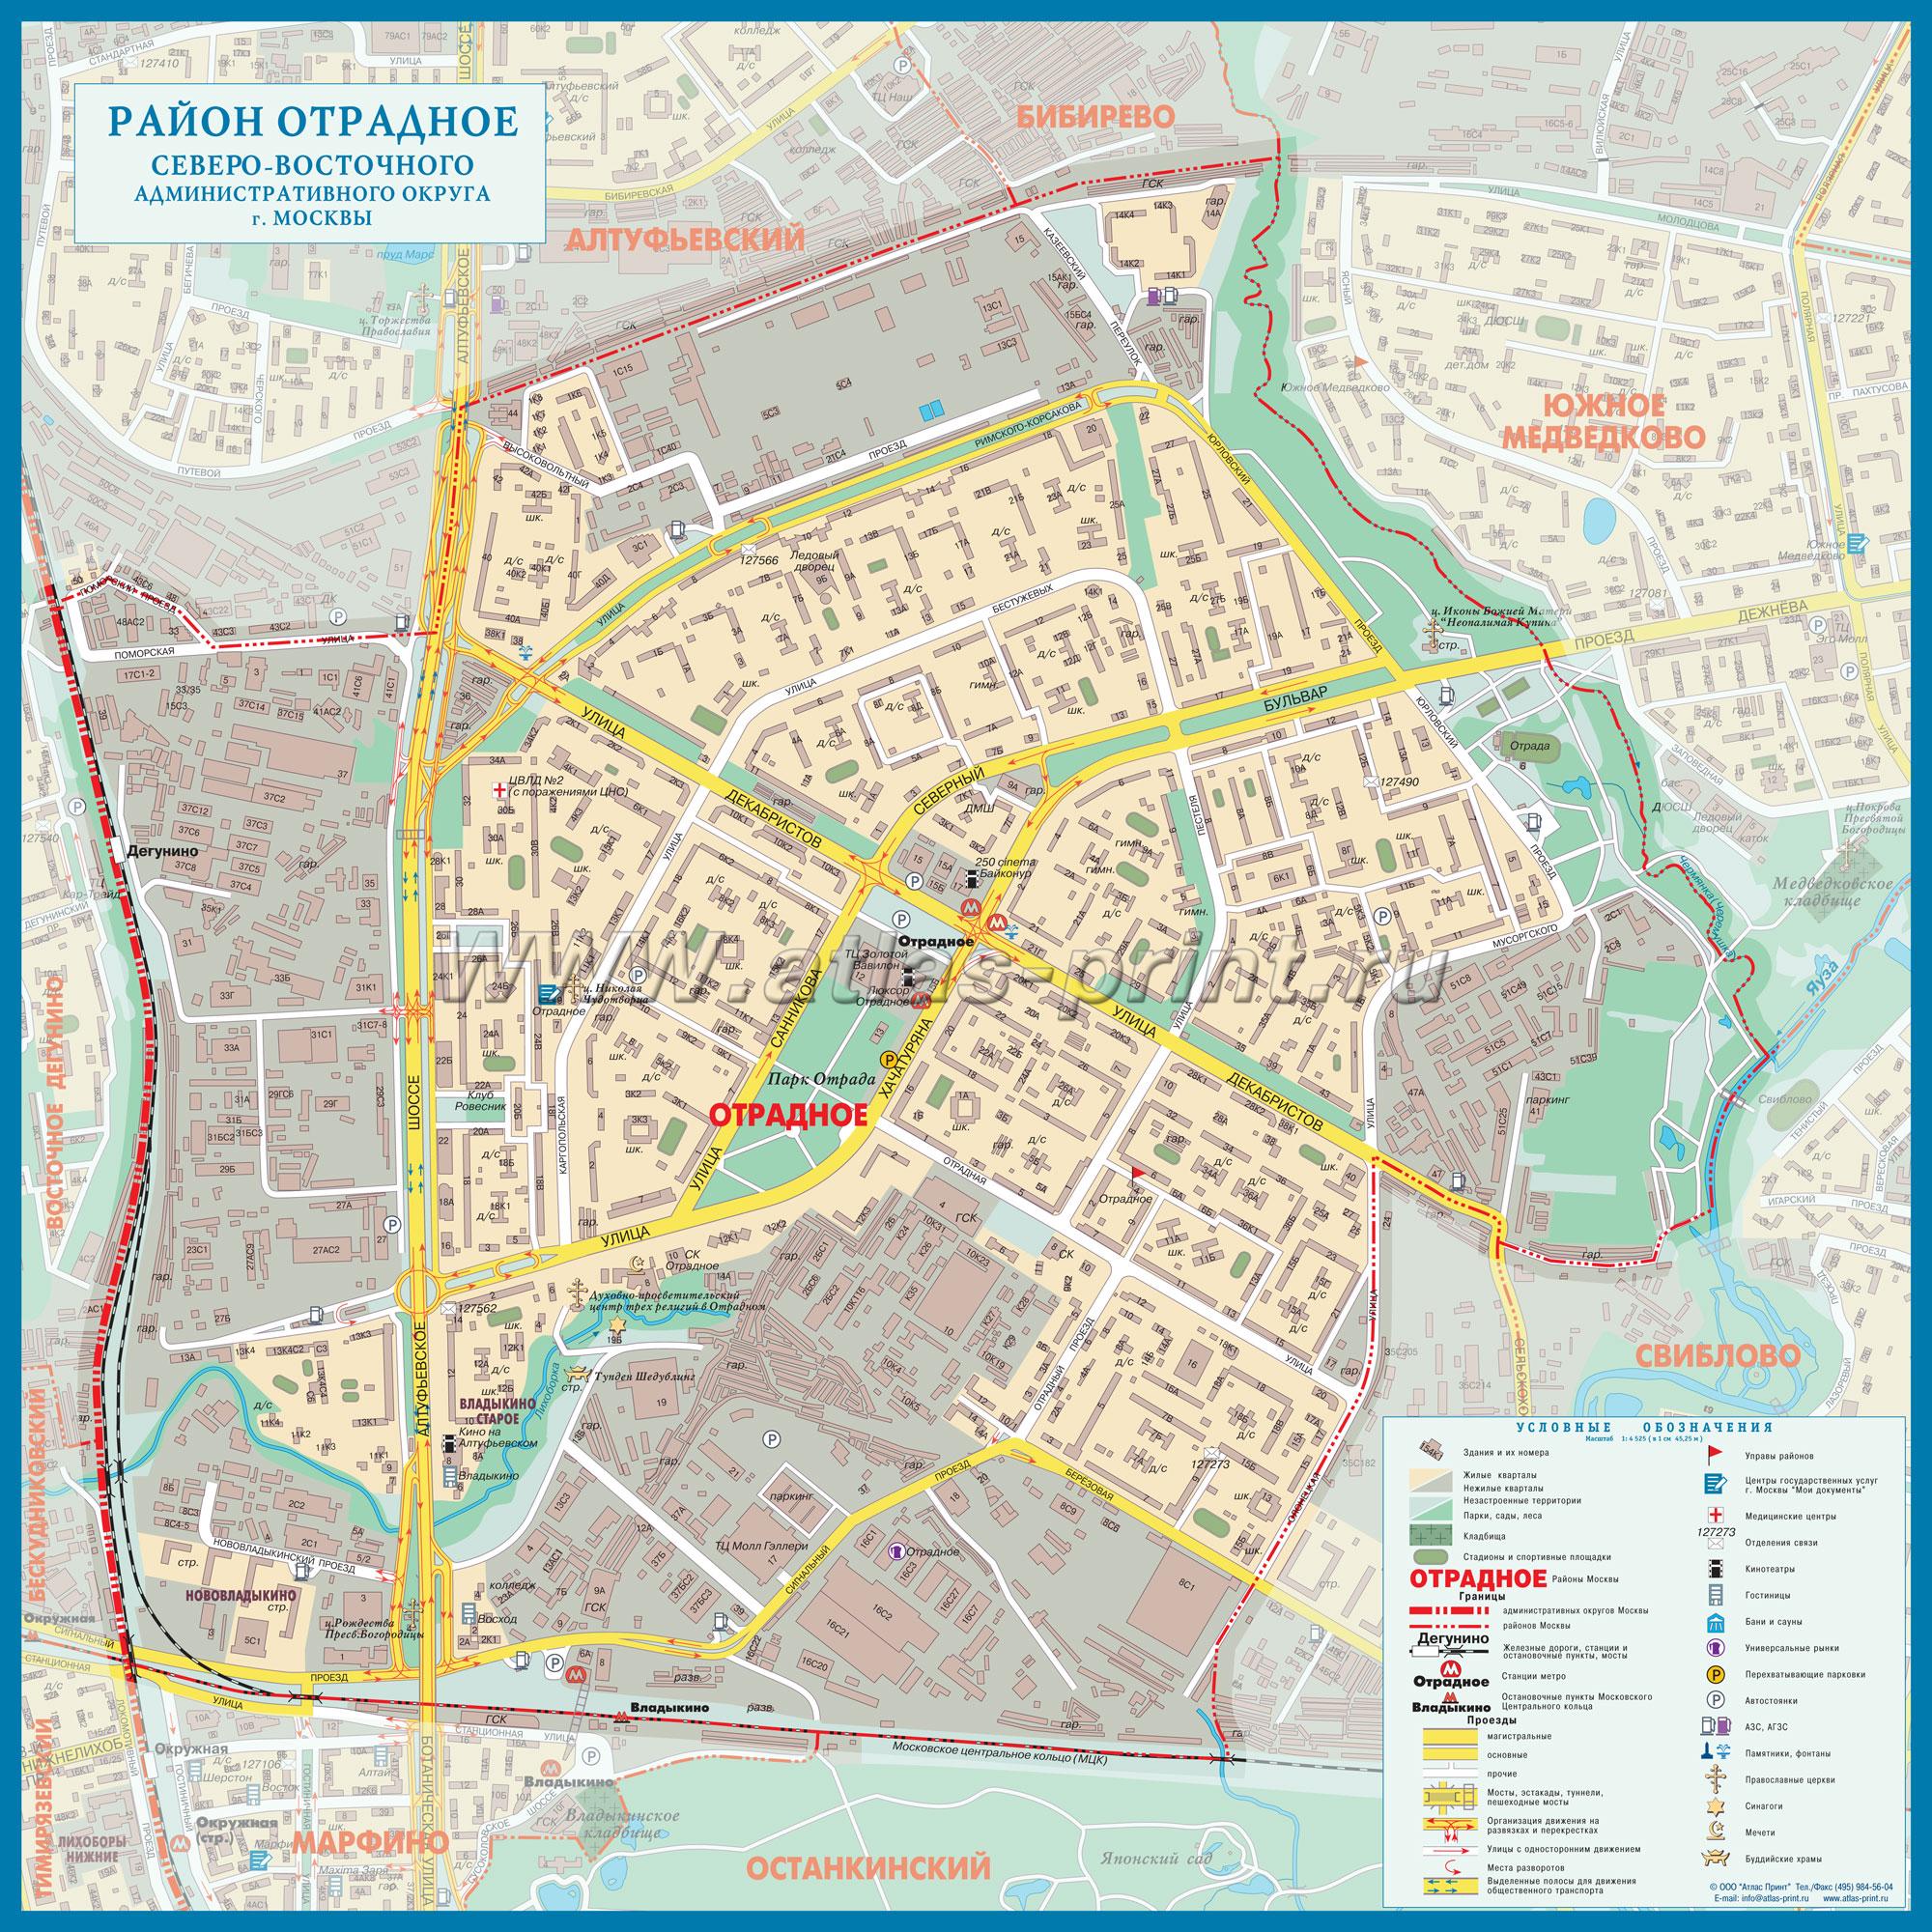 Настенная карта района Отрадное г.Москвы 1,00*1,00 м, ламинированная